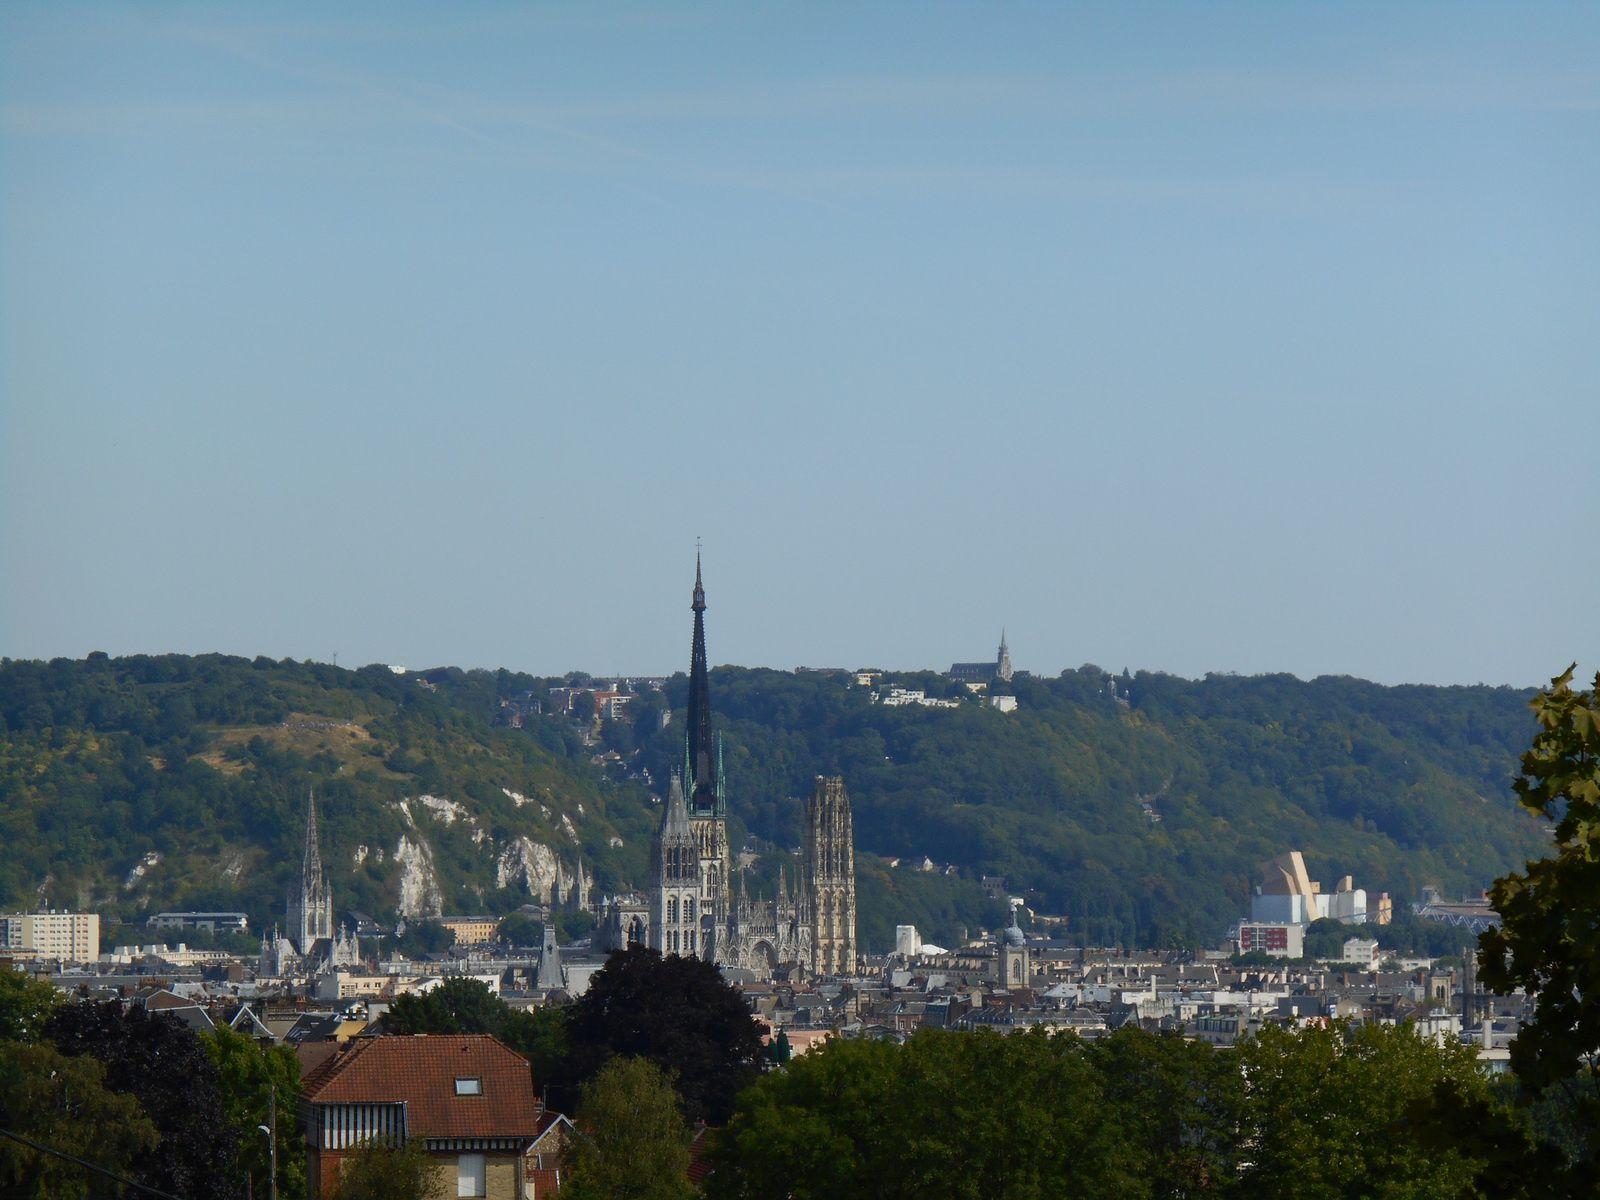 La côte de Bonsecours, la cathédrale de Rouen